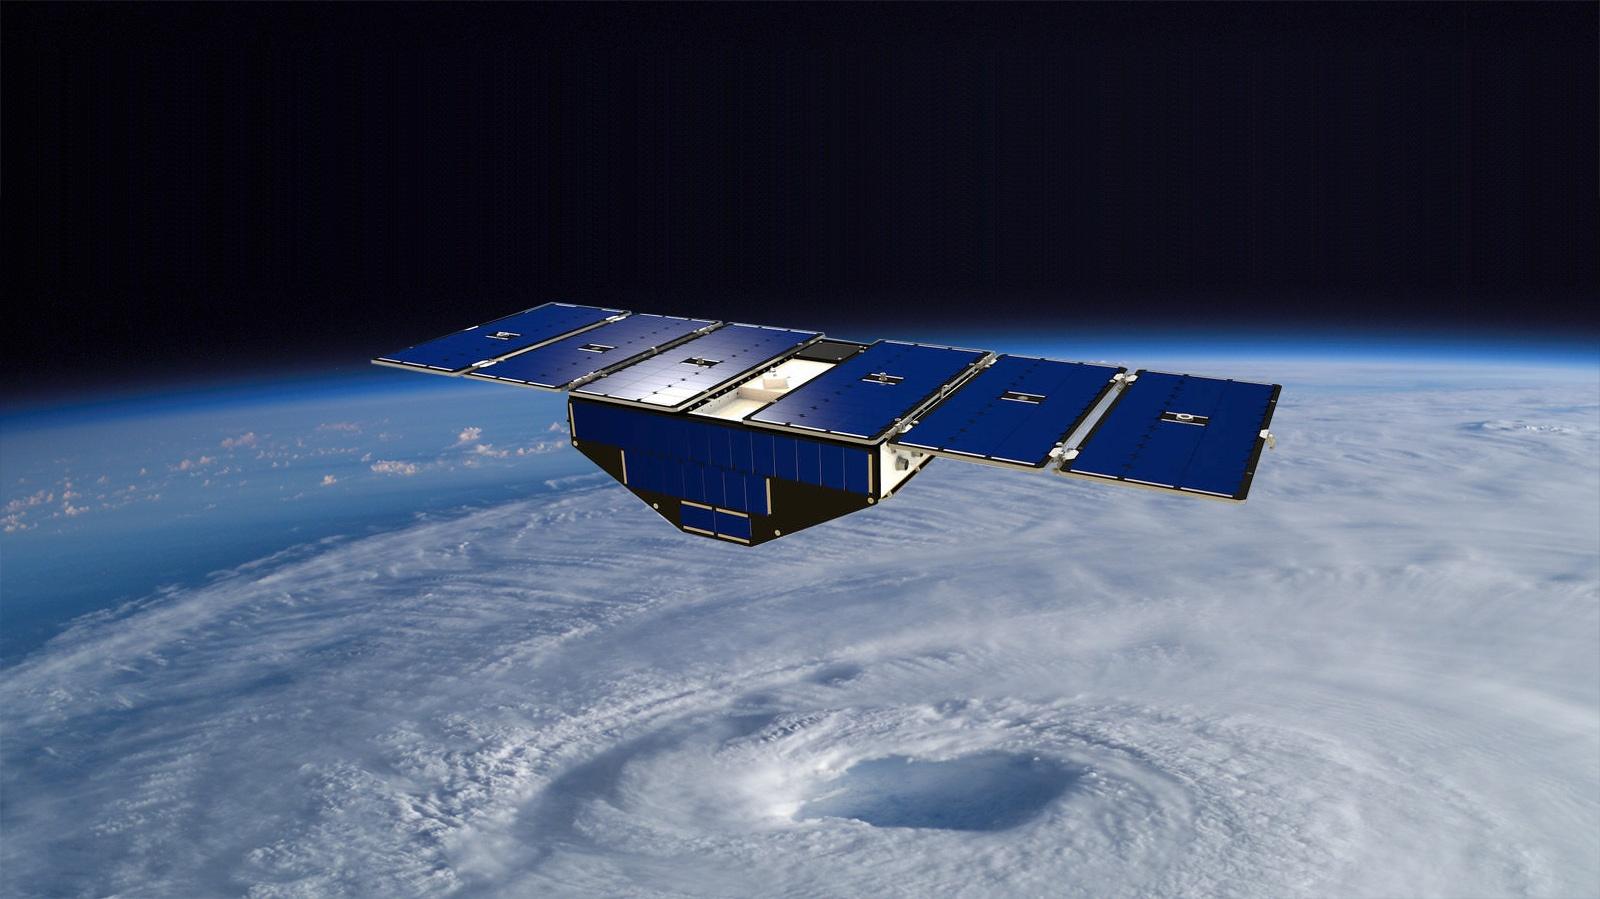 НАСА запустило спутники с ракеты, запущенной с самолёта - 1